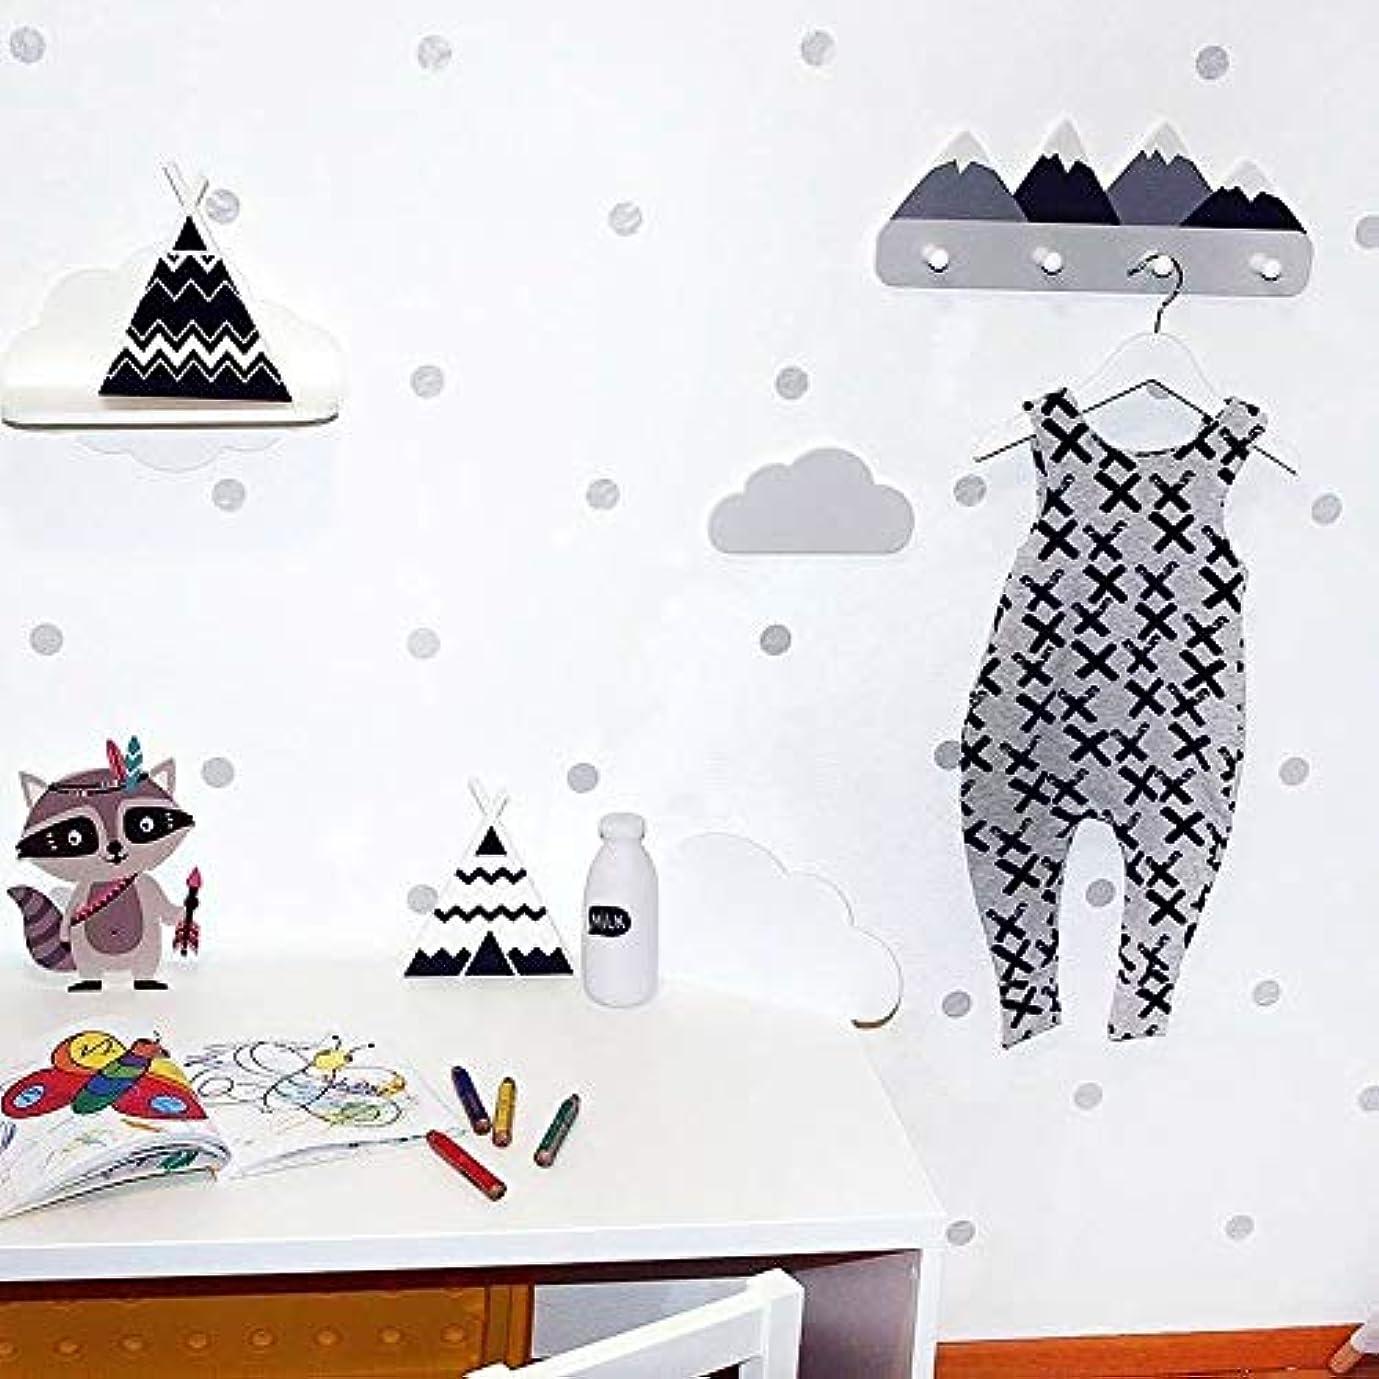 噛む啓発する出発北欧スタイル木製マウンテン子供コートラック幾何学的マウンテンアート棚用服4フックの1ピースキッズルームの装飾アイデアギフト (スノーマウンテン)